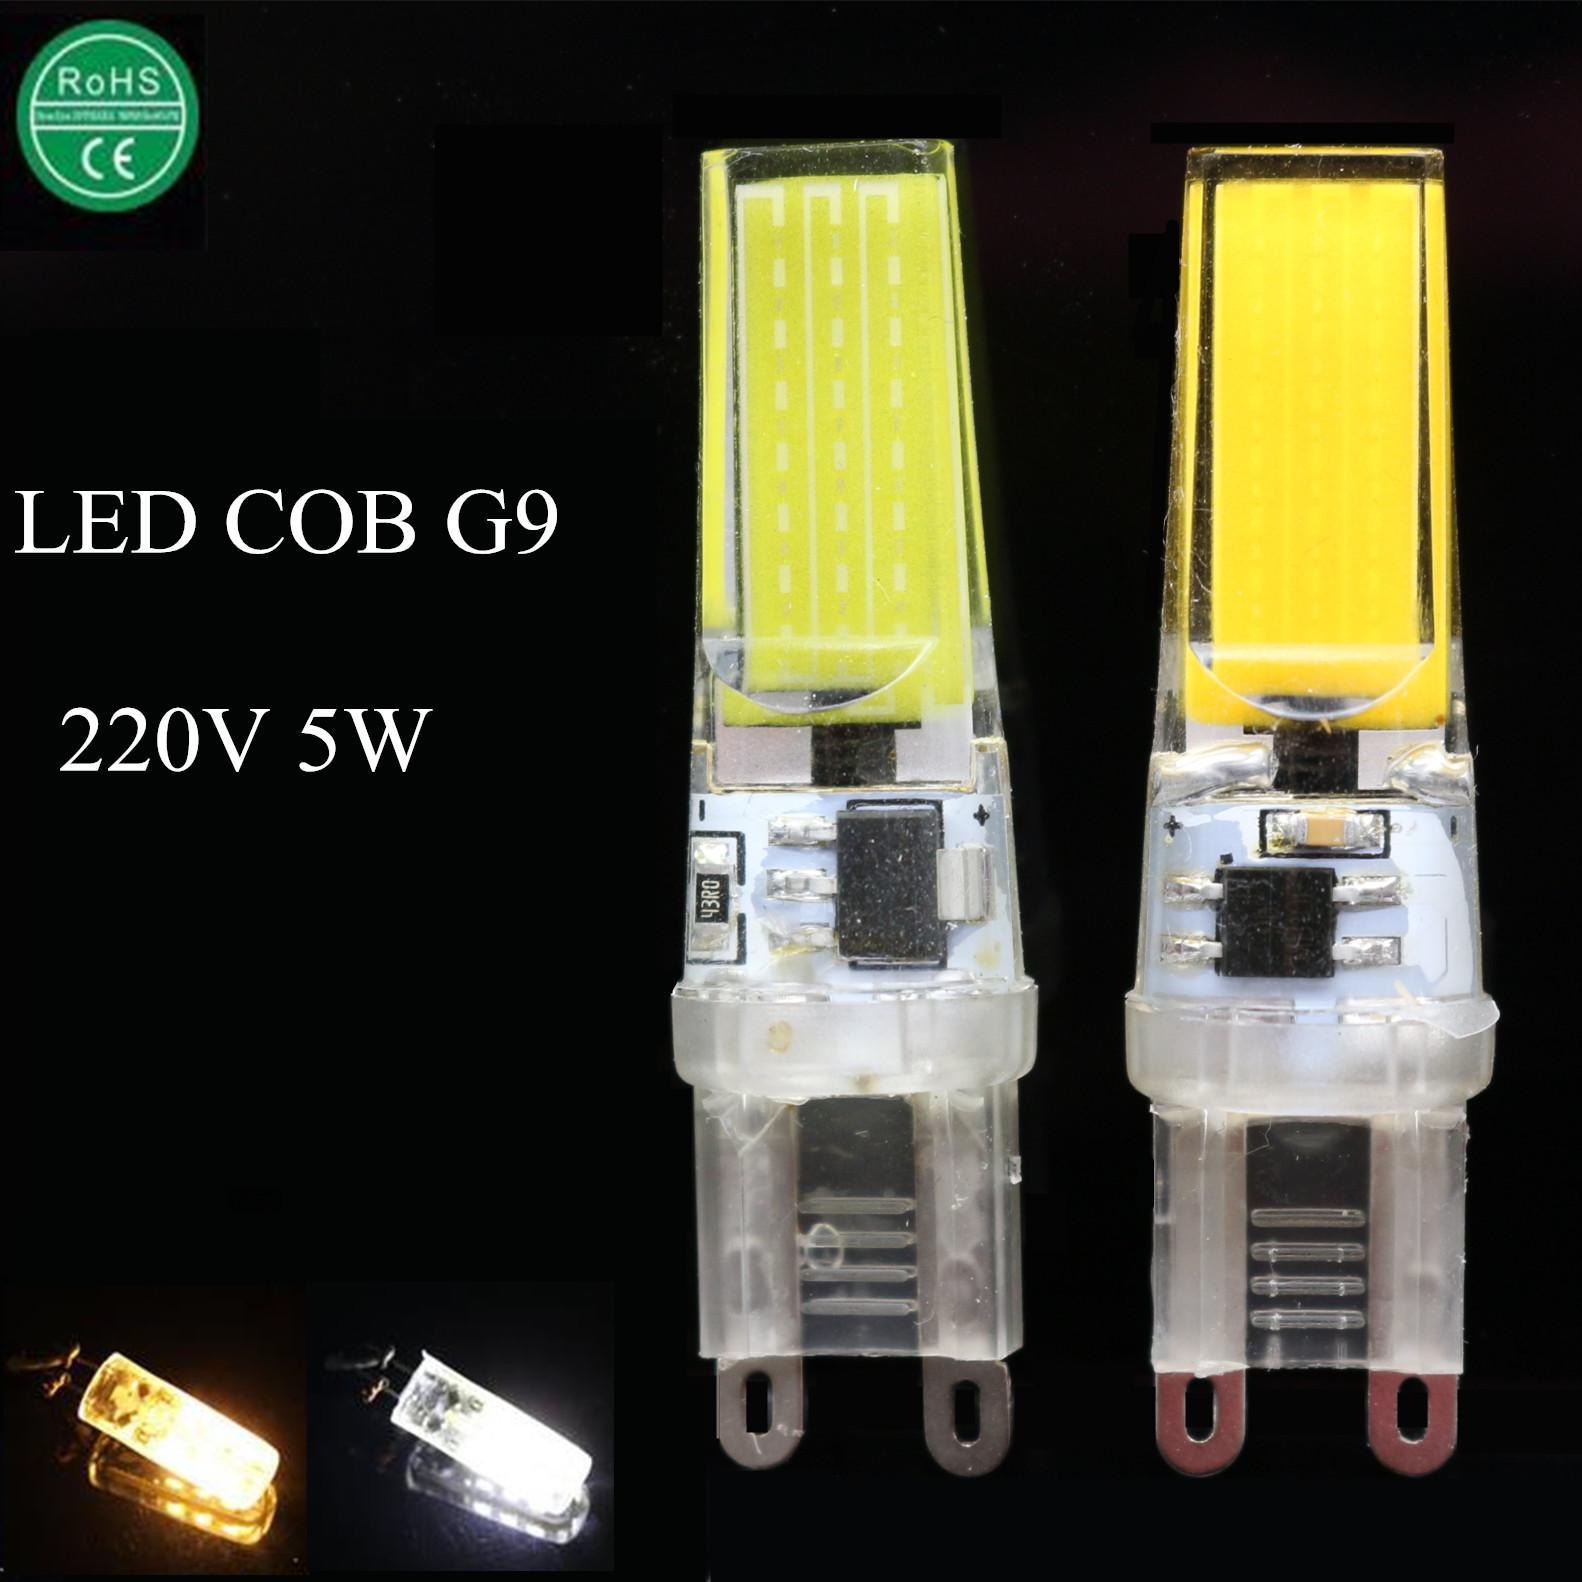 1x new led g9 light bulb 5w smd2835 220v 240v lamparas led. Black Bedroom Furniture Sets. Home Design Ideas